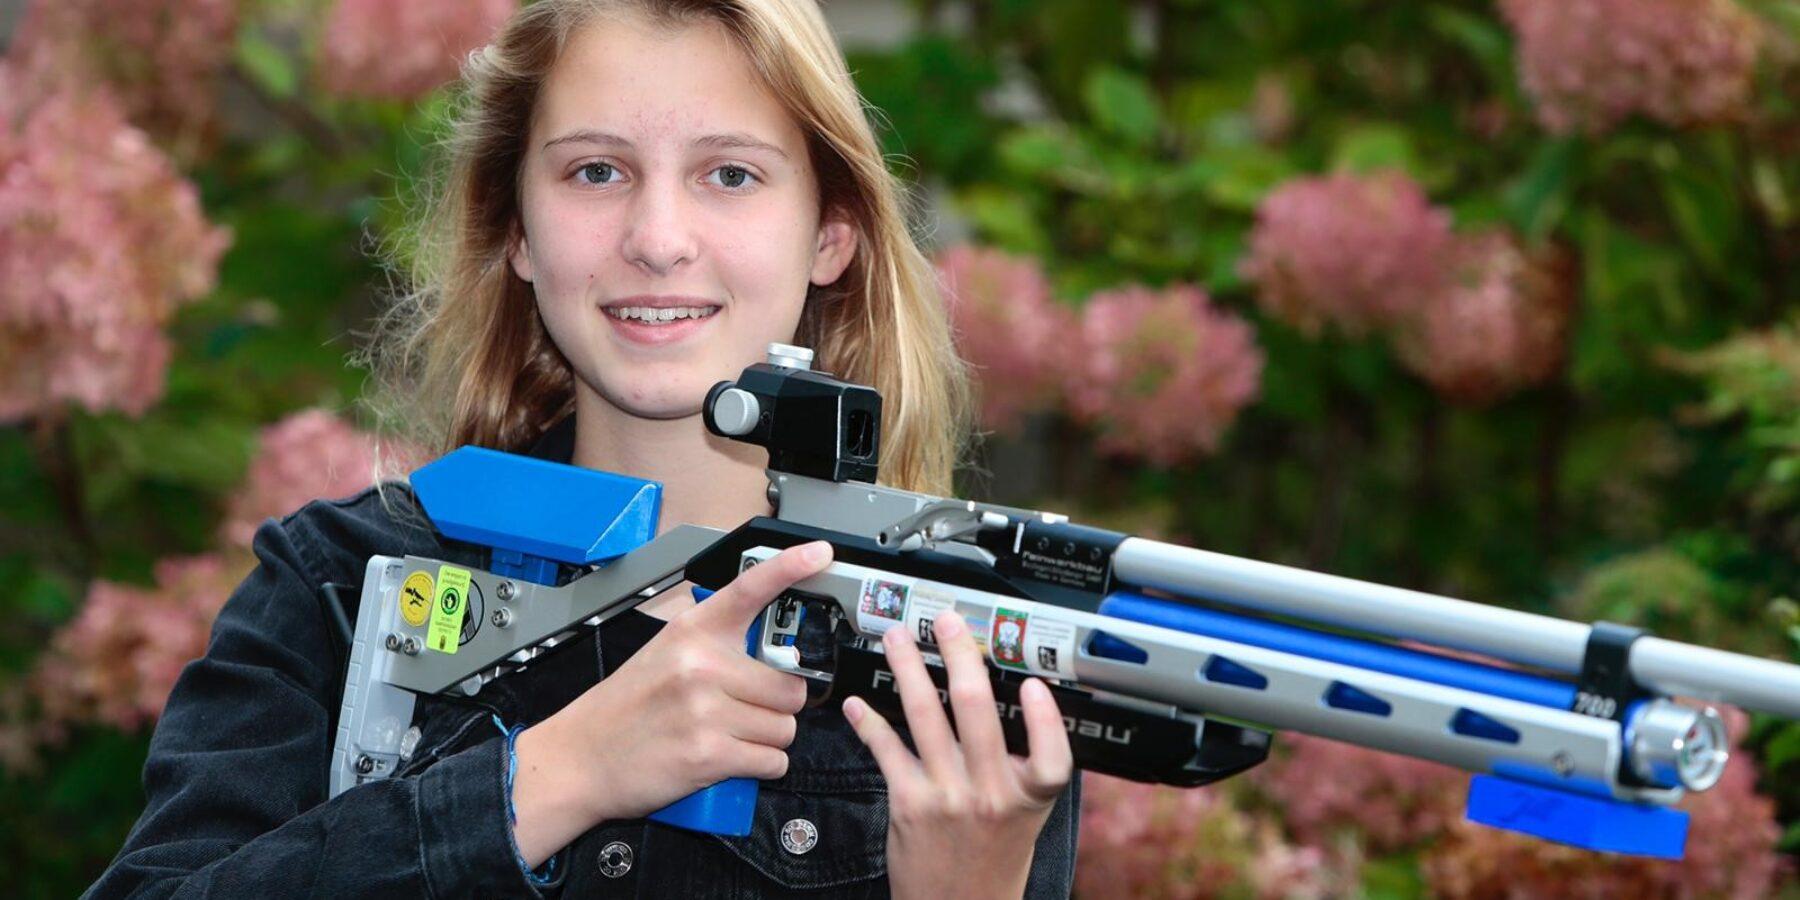 13-jarige Jill van der Haven weer Nederlands kampioen opgelegd schieten: 'Minder gevaarlijk dan voetbal'